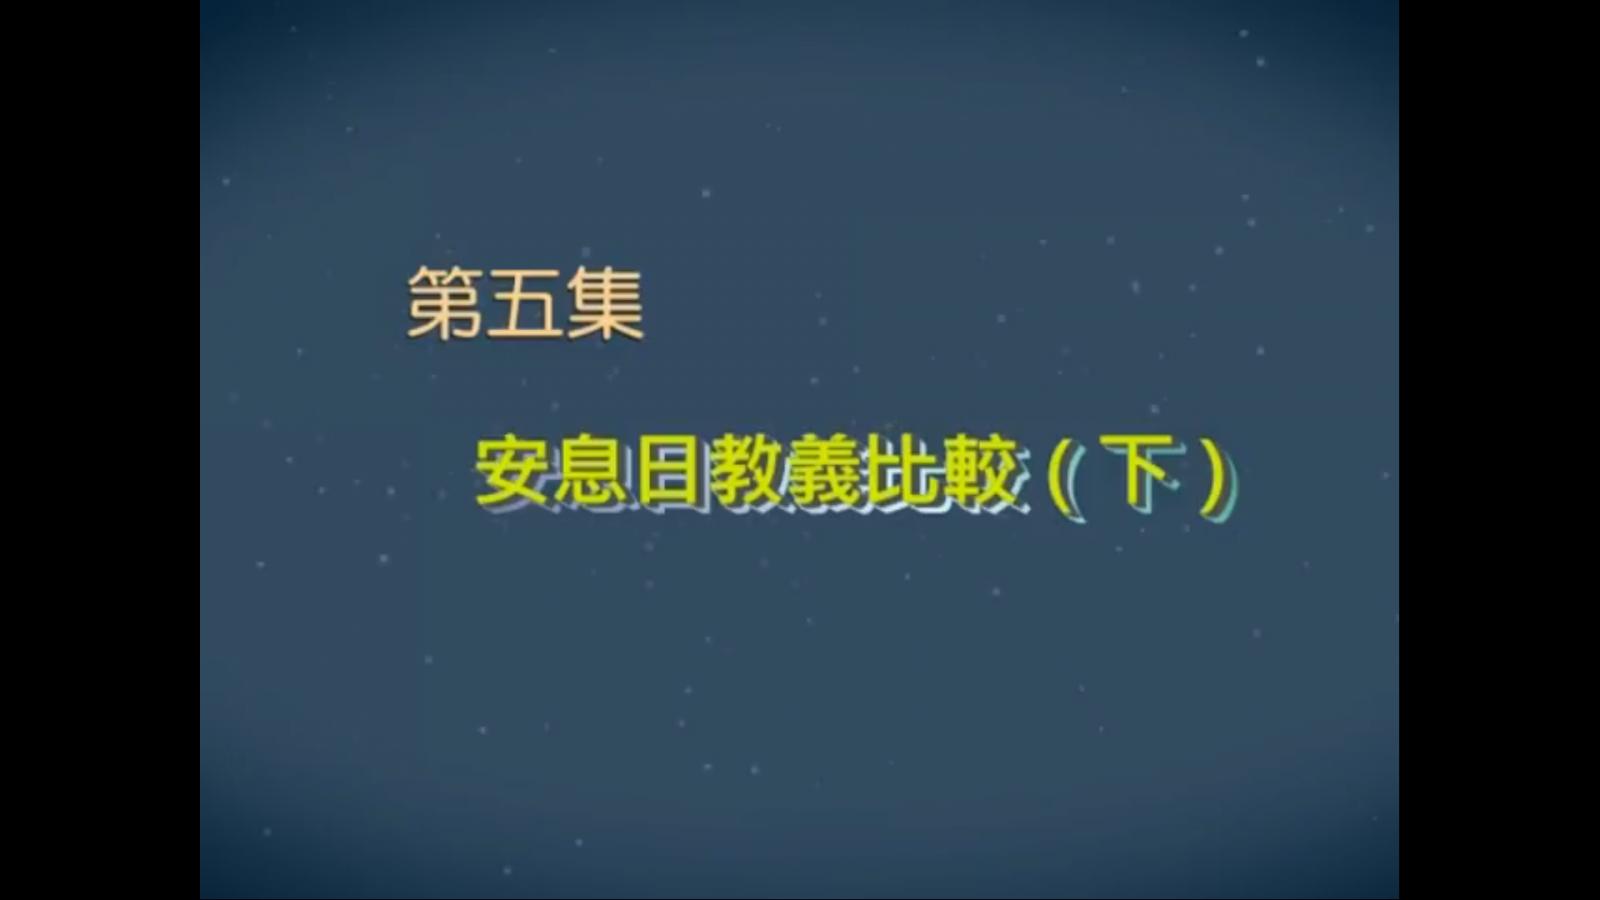 安息日教義比較(下)